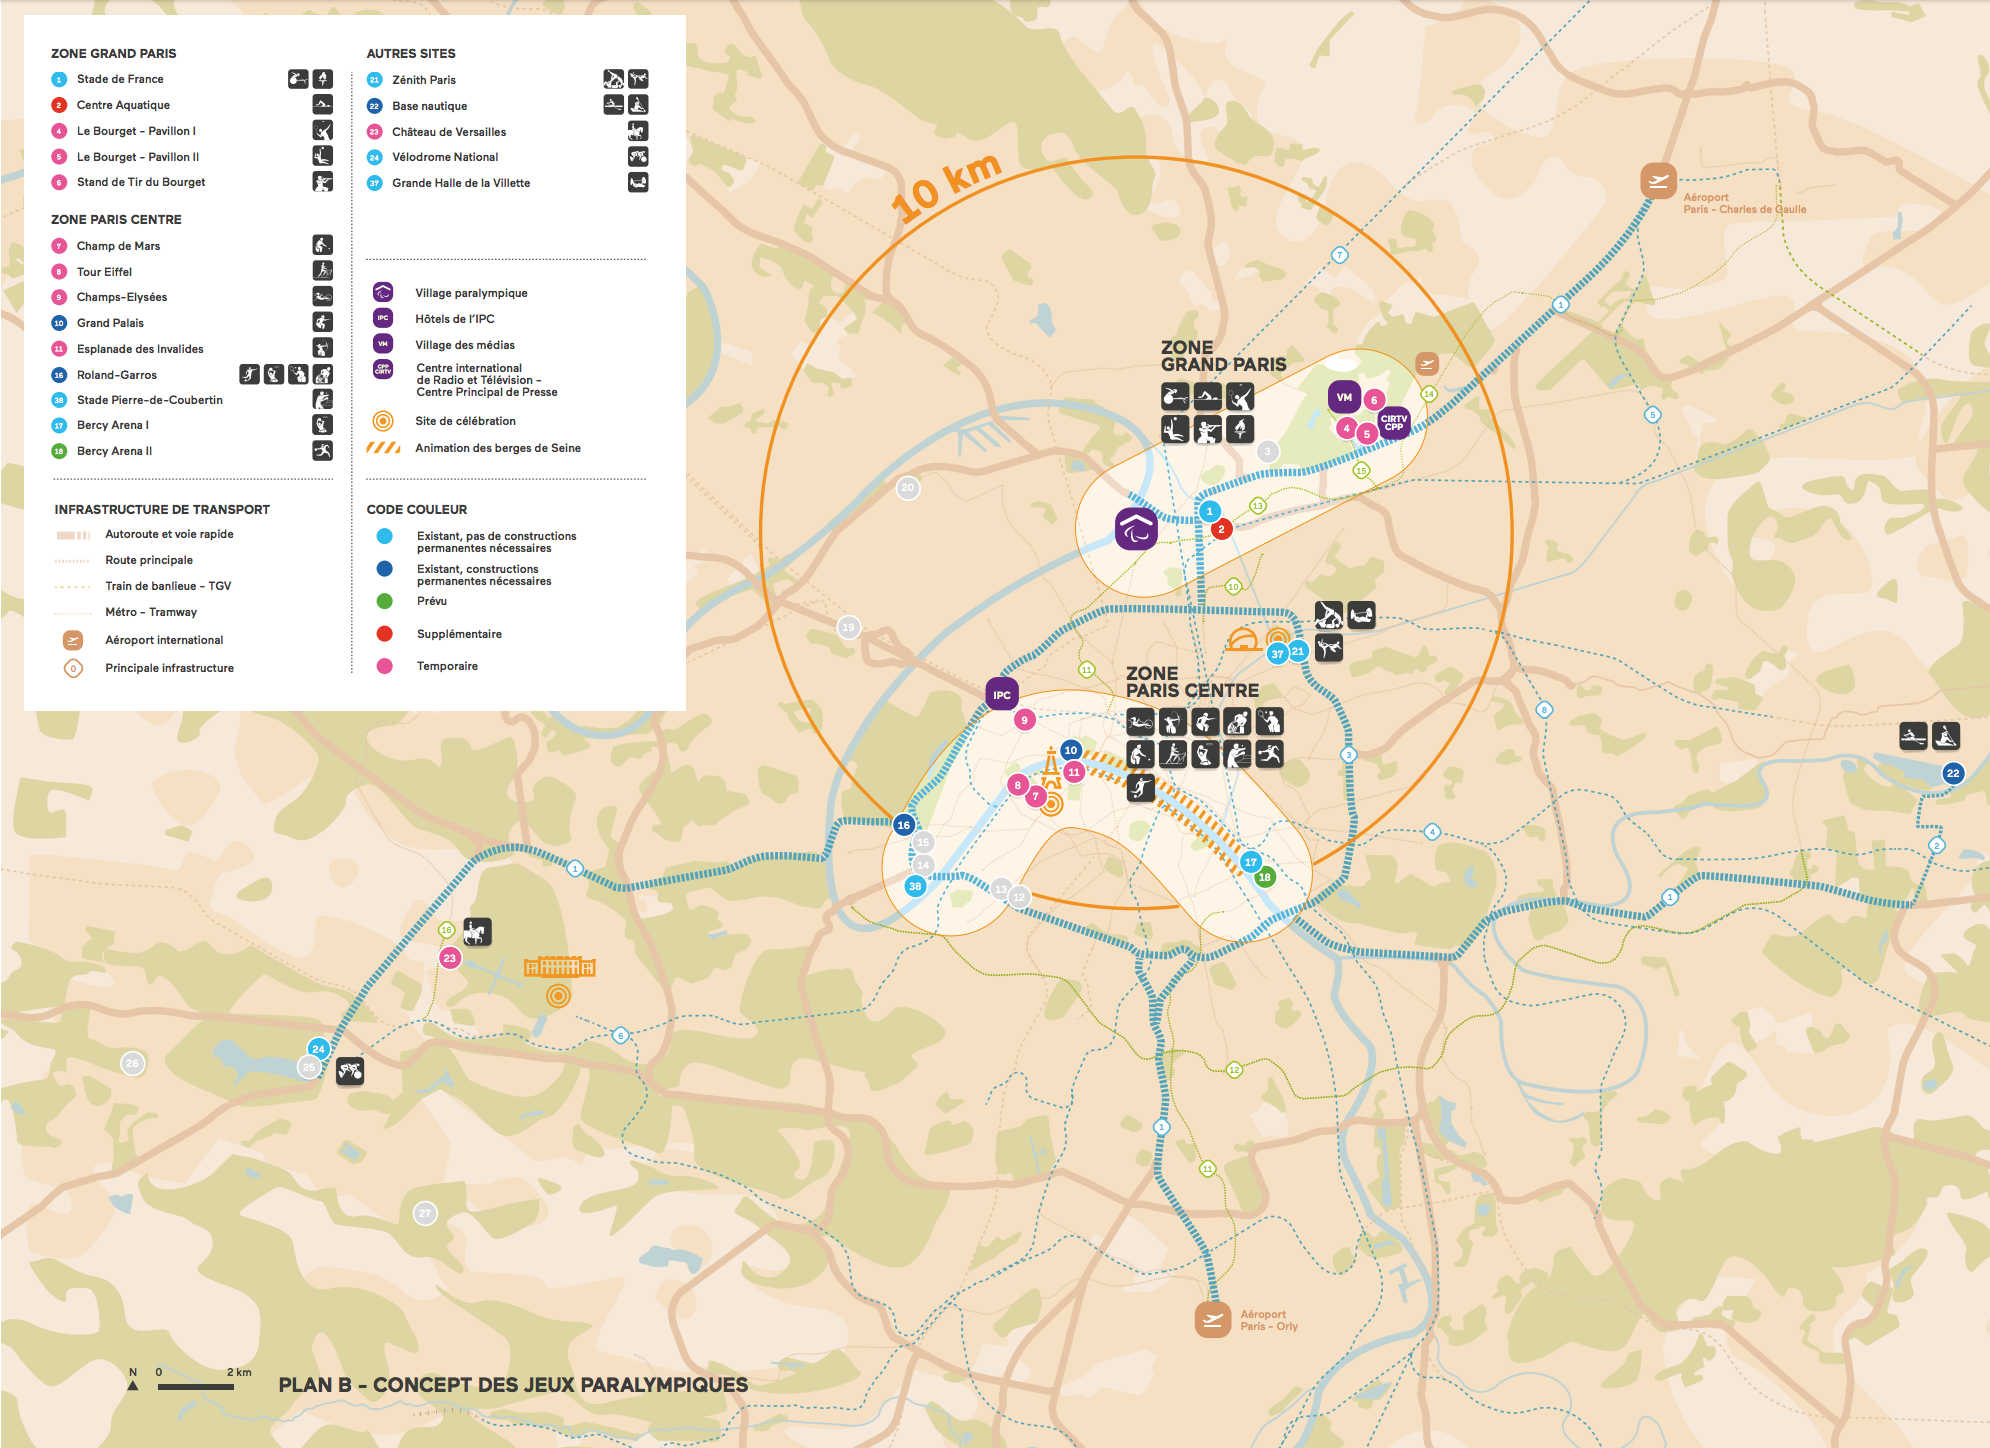 Paris 2024 - Jeux Paralympiques